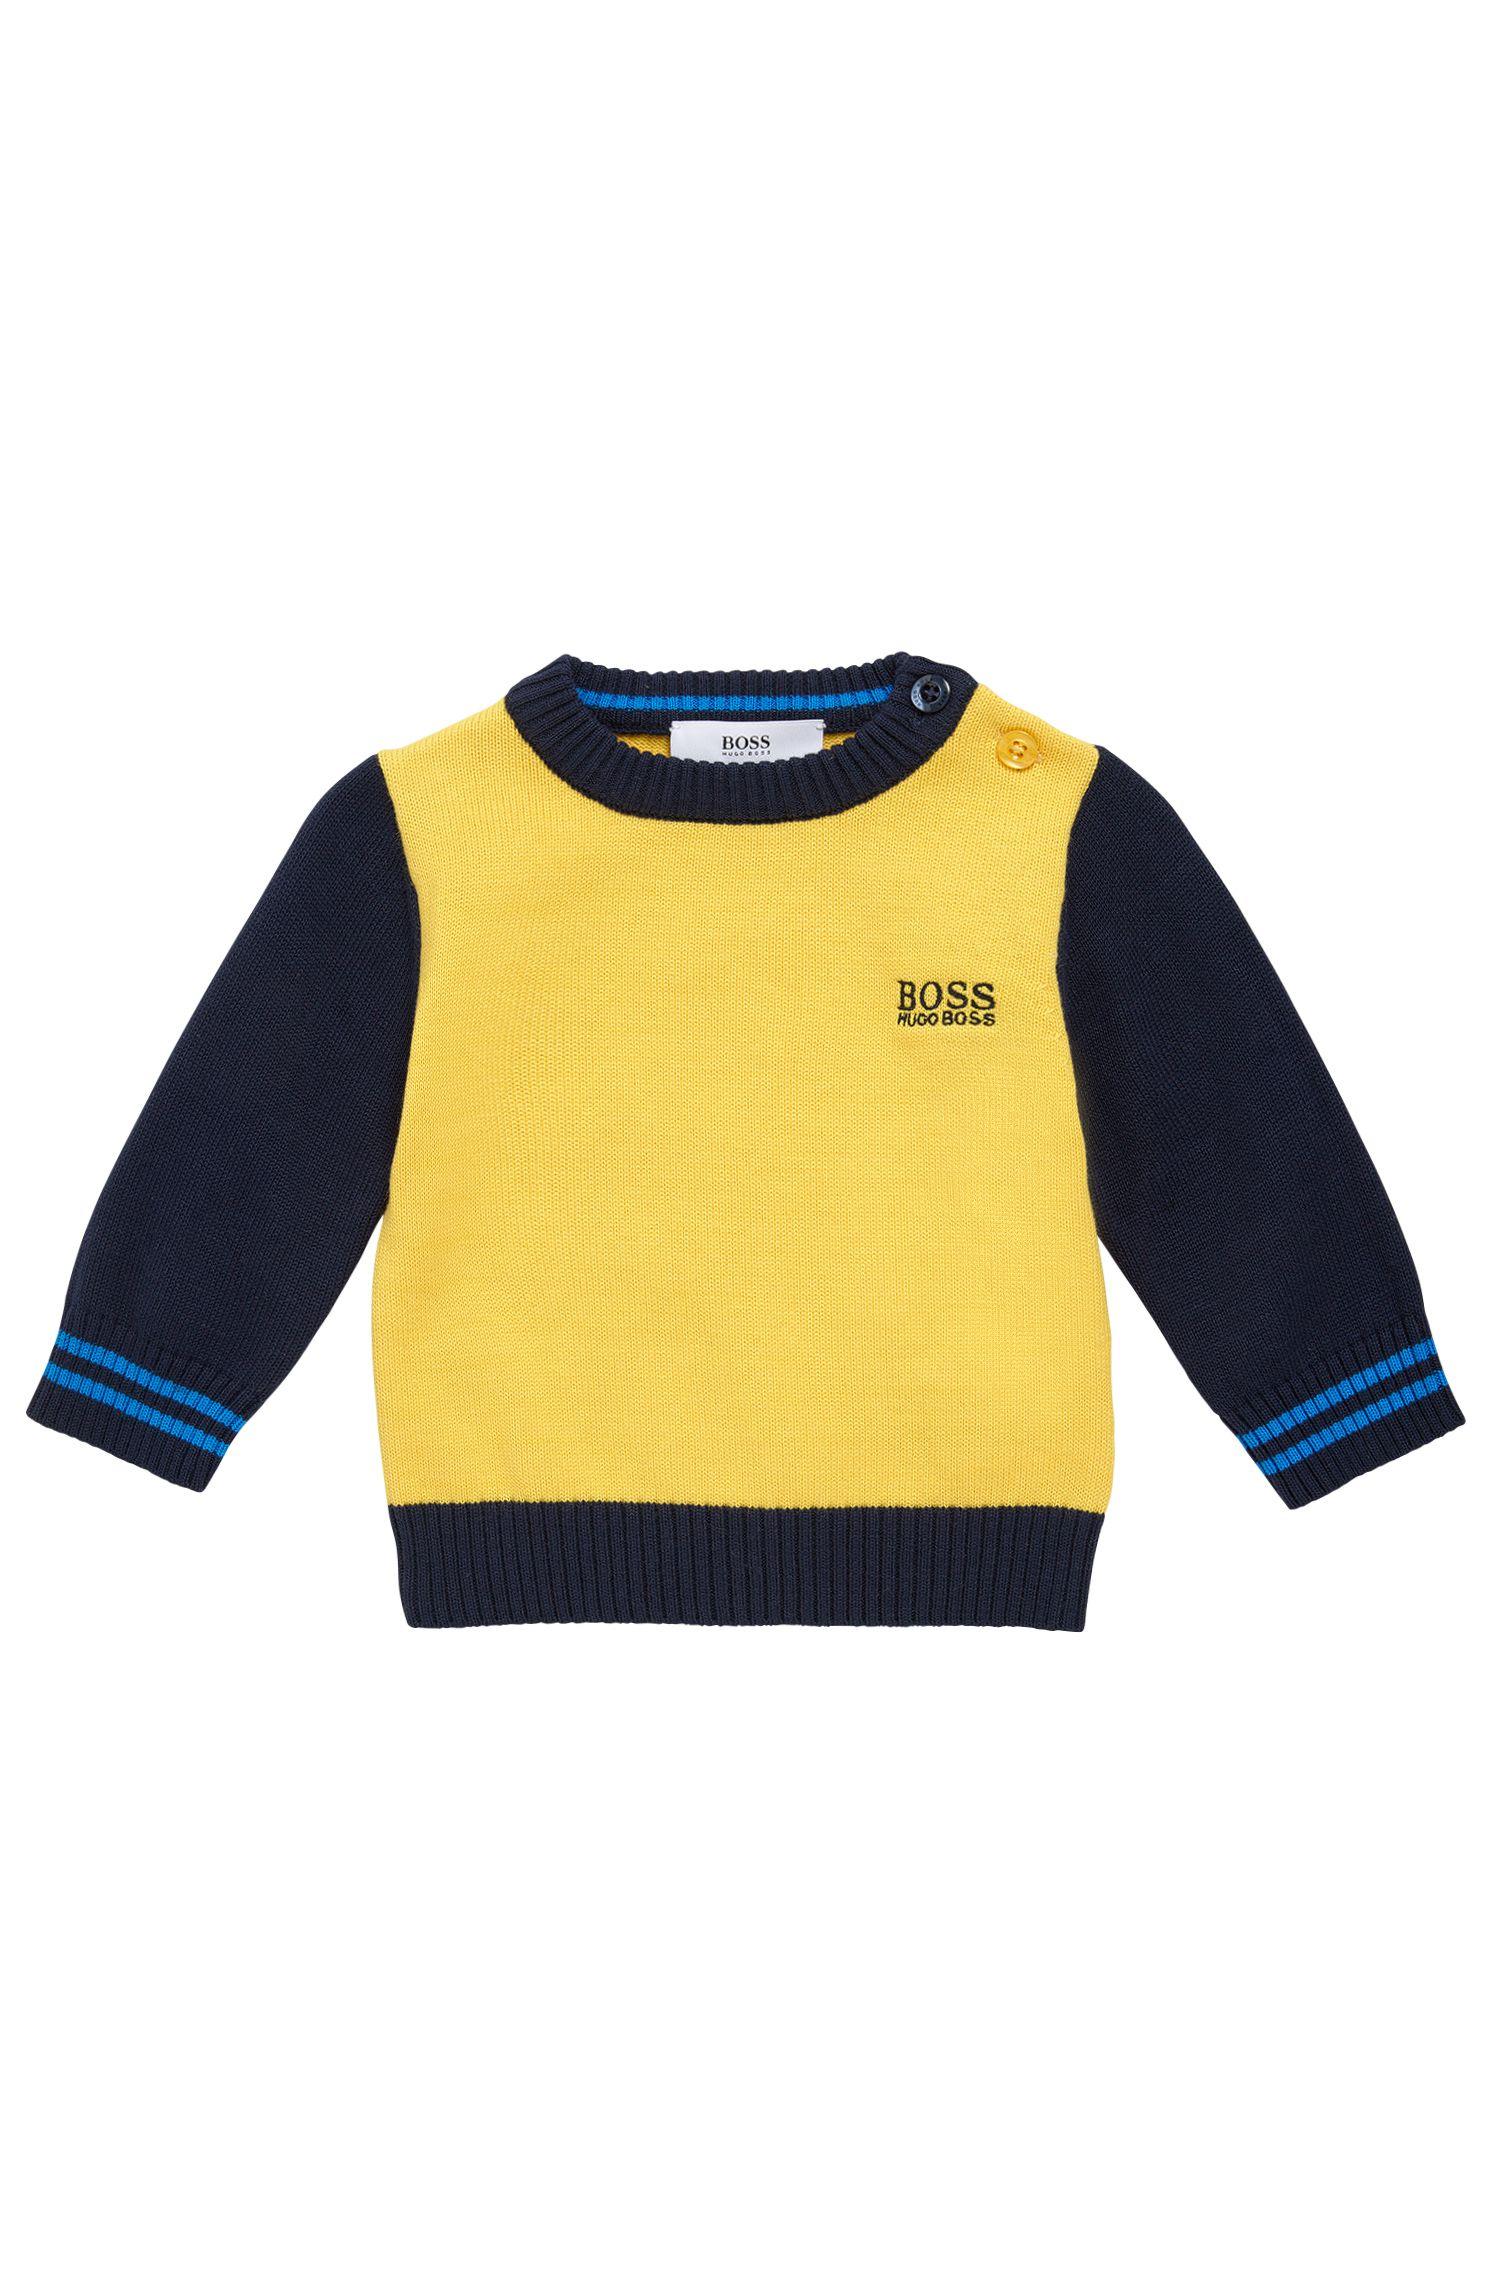 Kids-Pullover aus Baumwolle im mehrfarbigen Dessin: 'J05517'